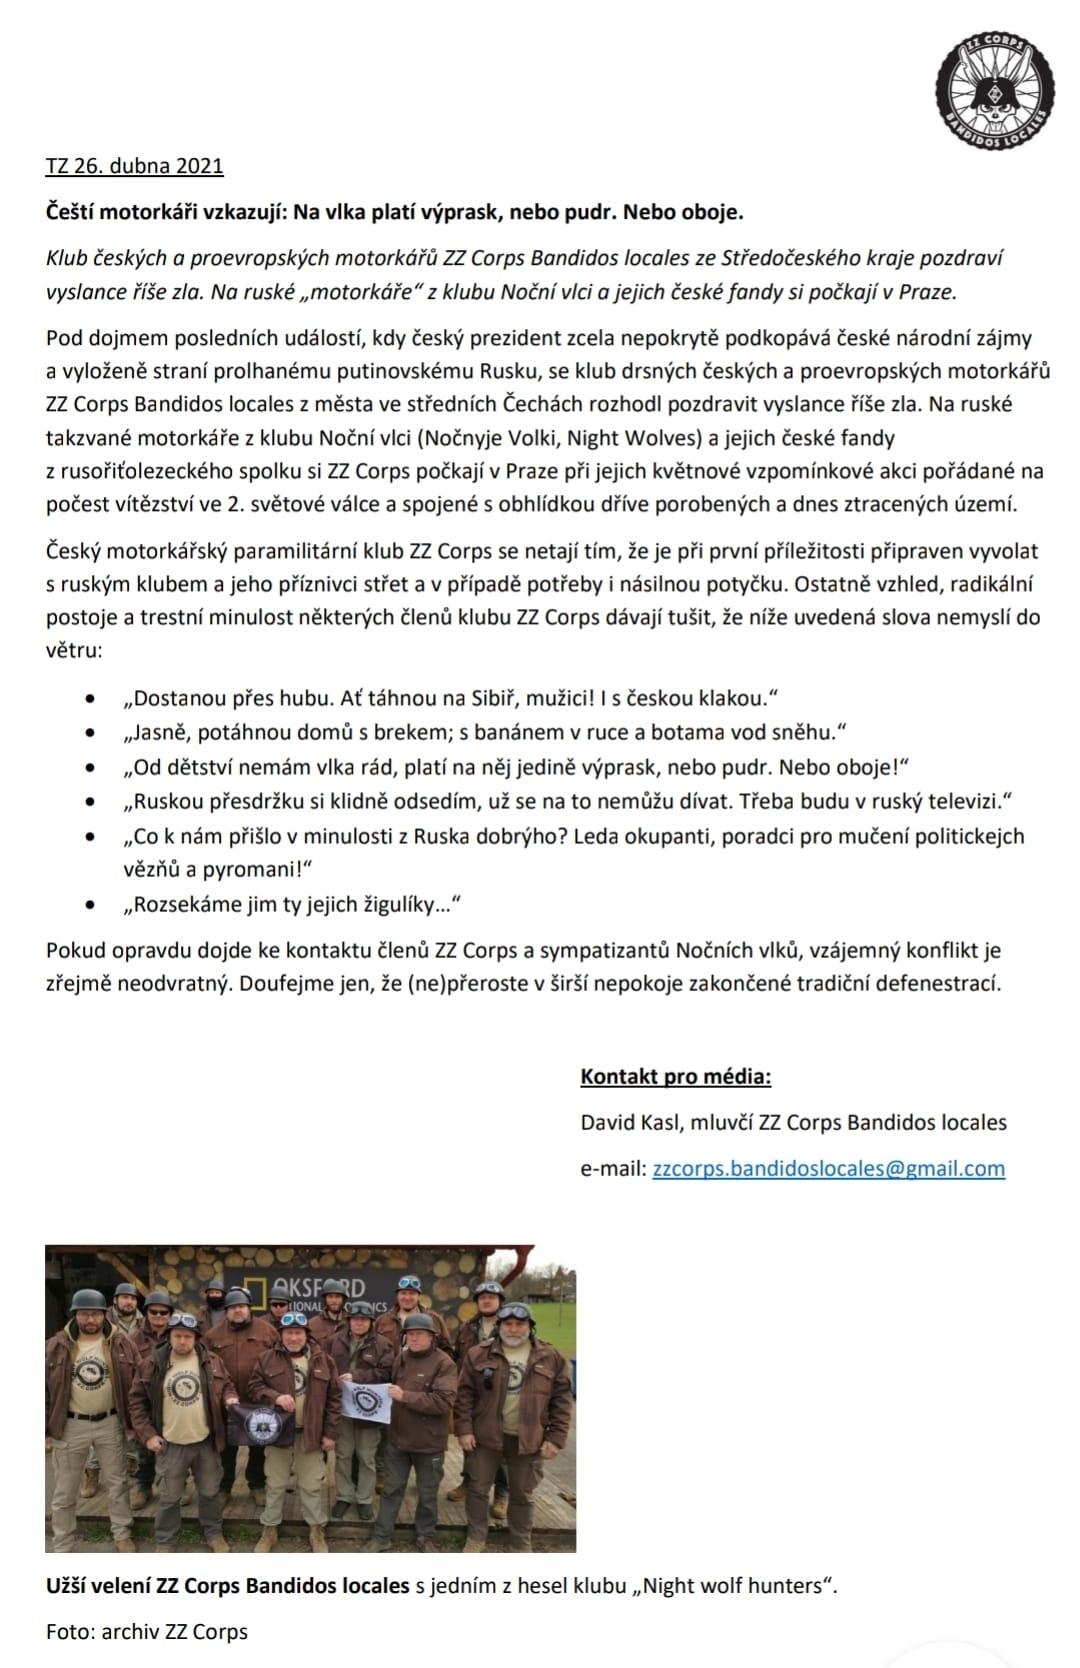 Prohlášení ZZ Corps Banditos locales pro média.